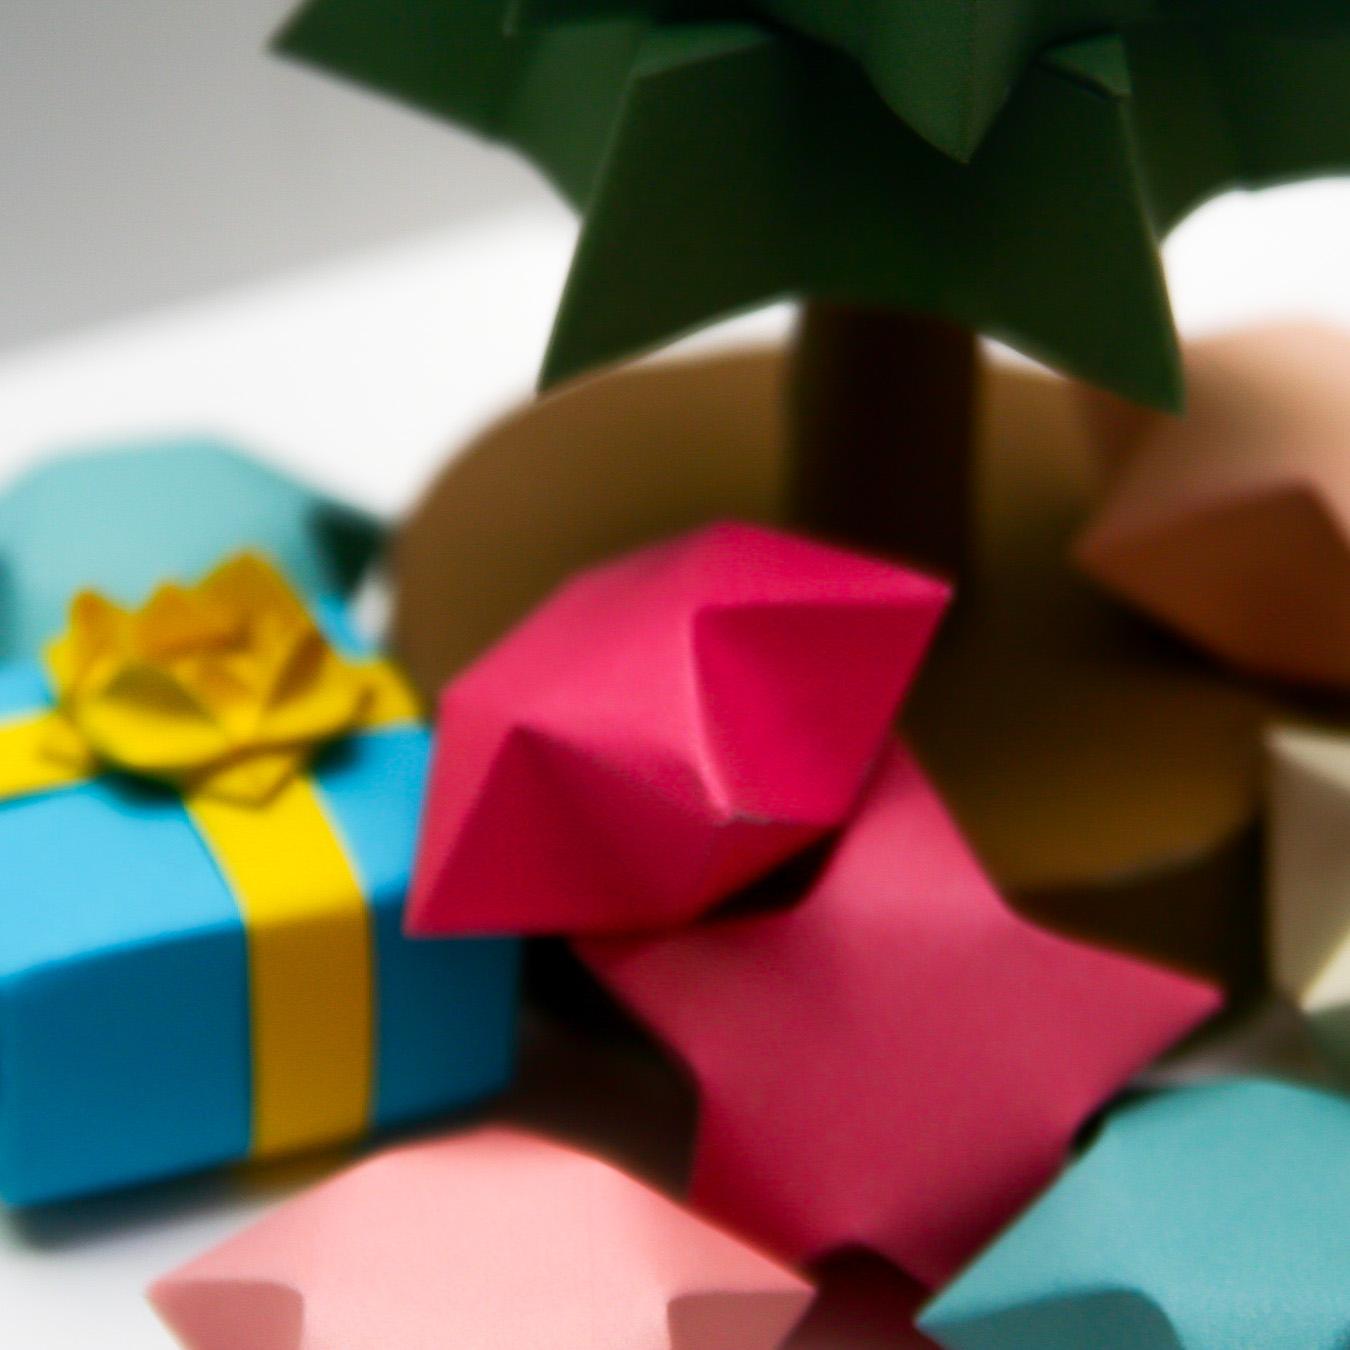 เมอรี่คริสต์มาสและแฮ้ปปี้นิวเยียร์ ปี 2014 003